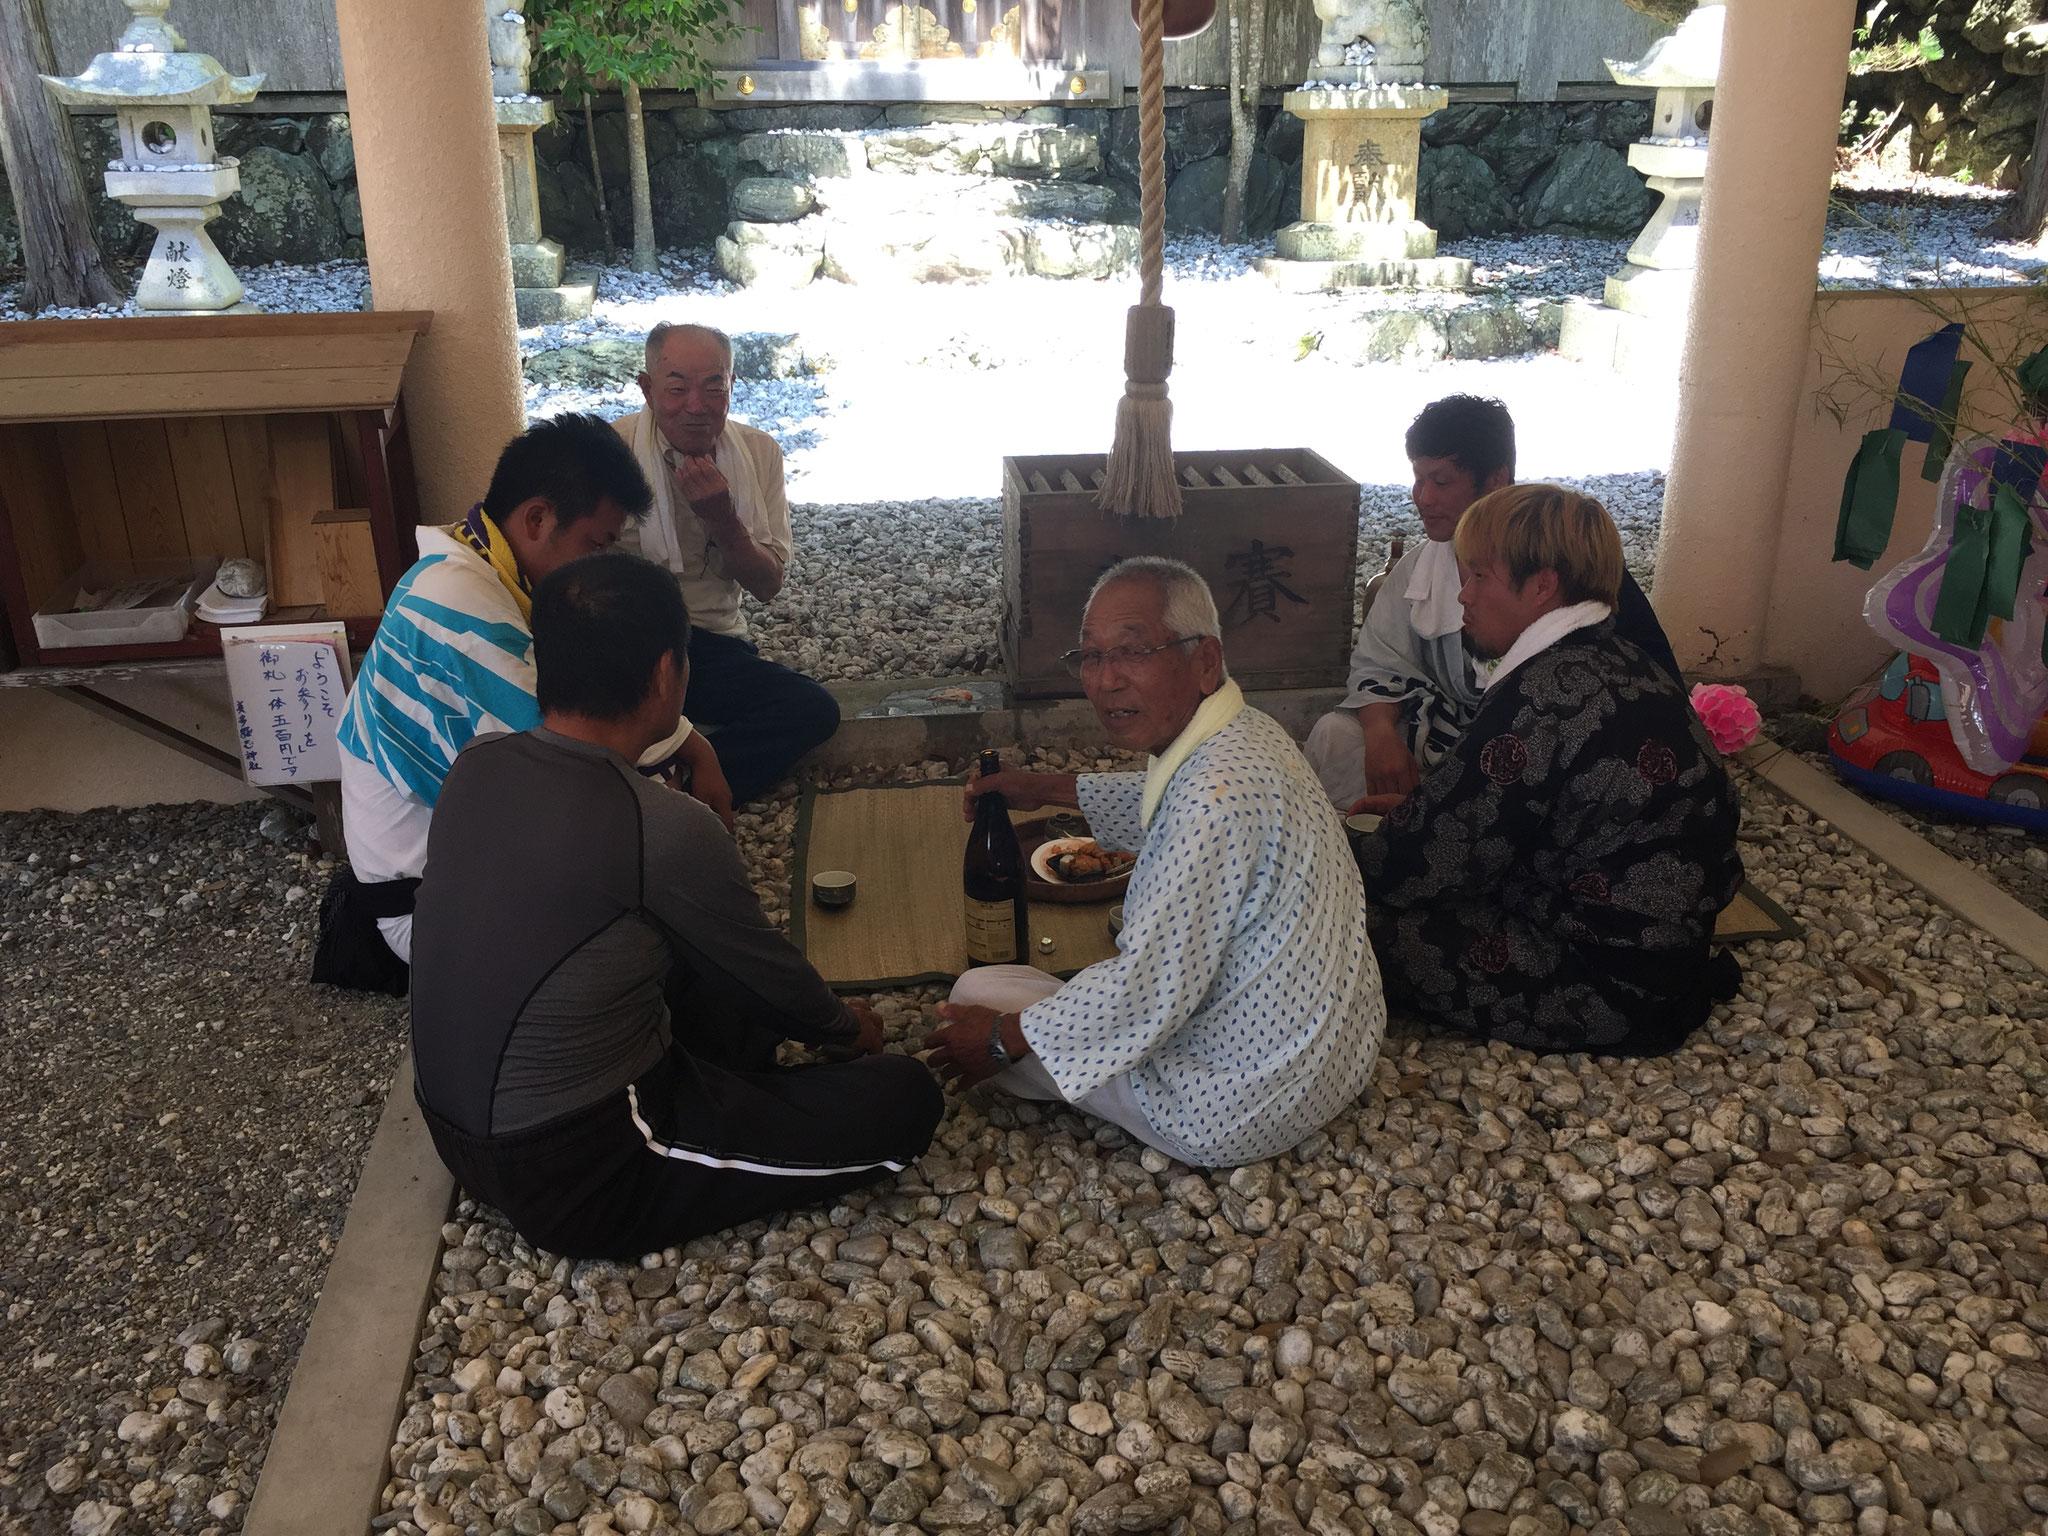 美多羅志神社にて、神社総代のおじさんたちと